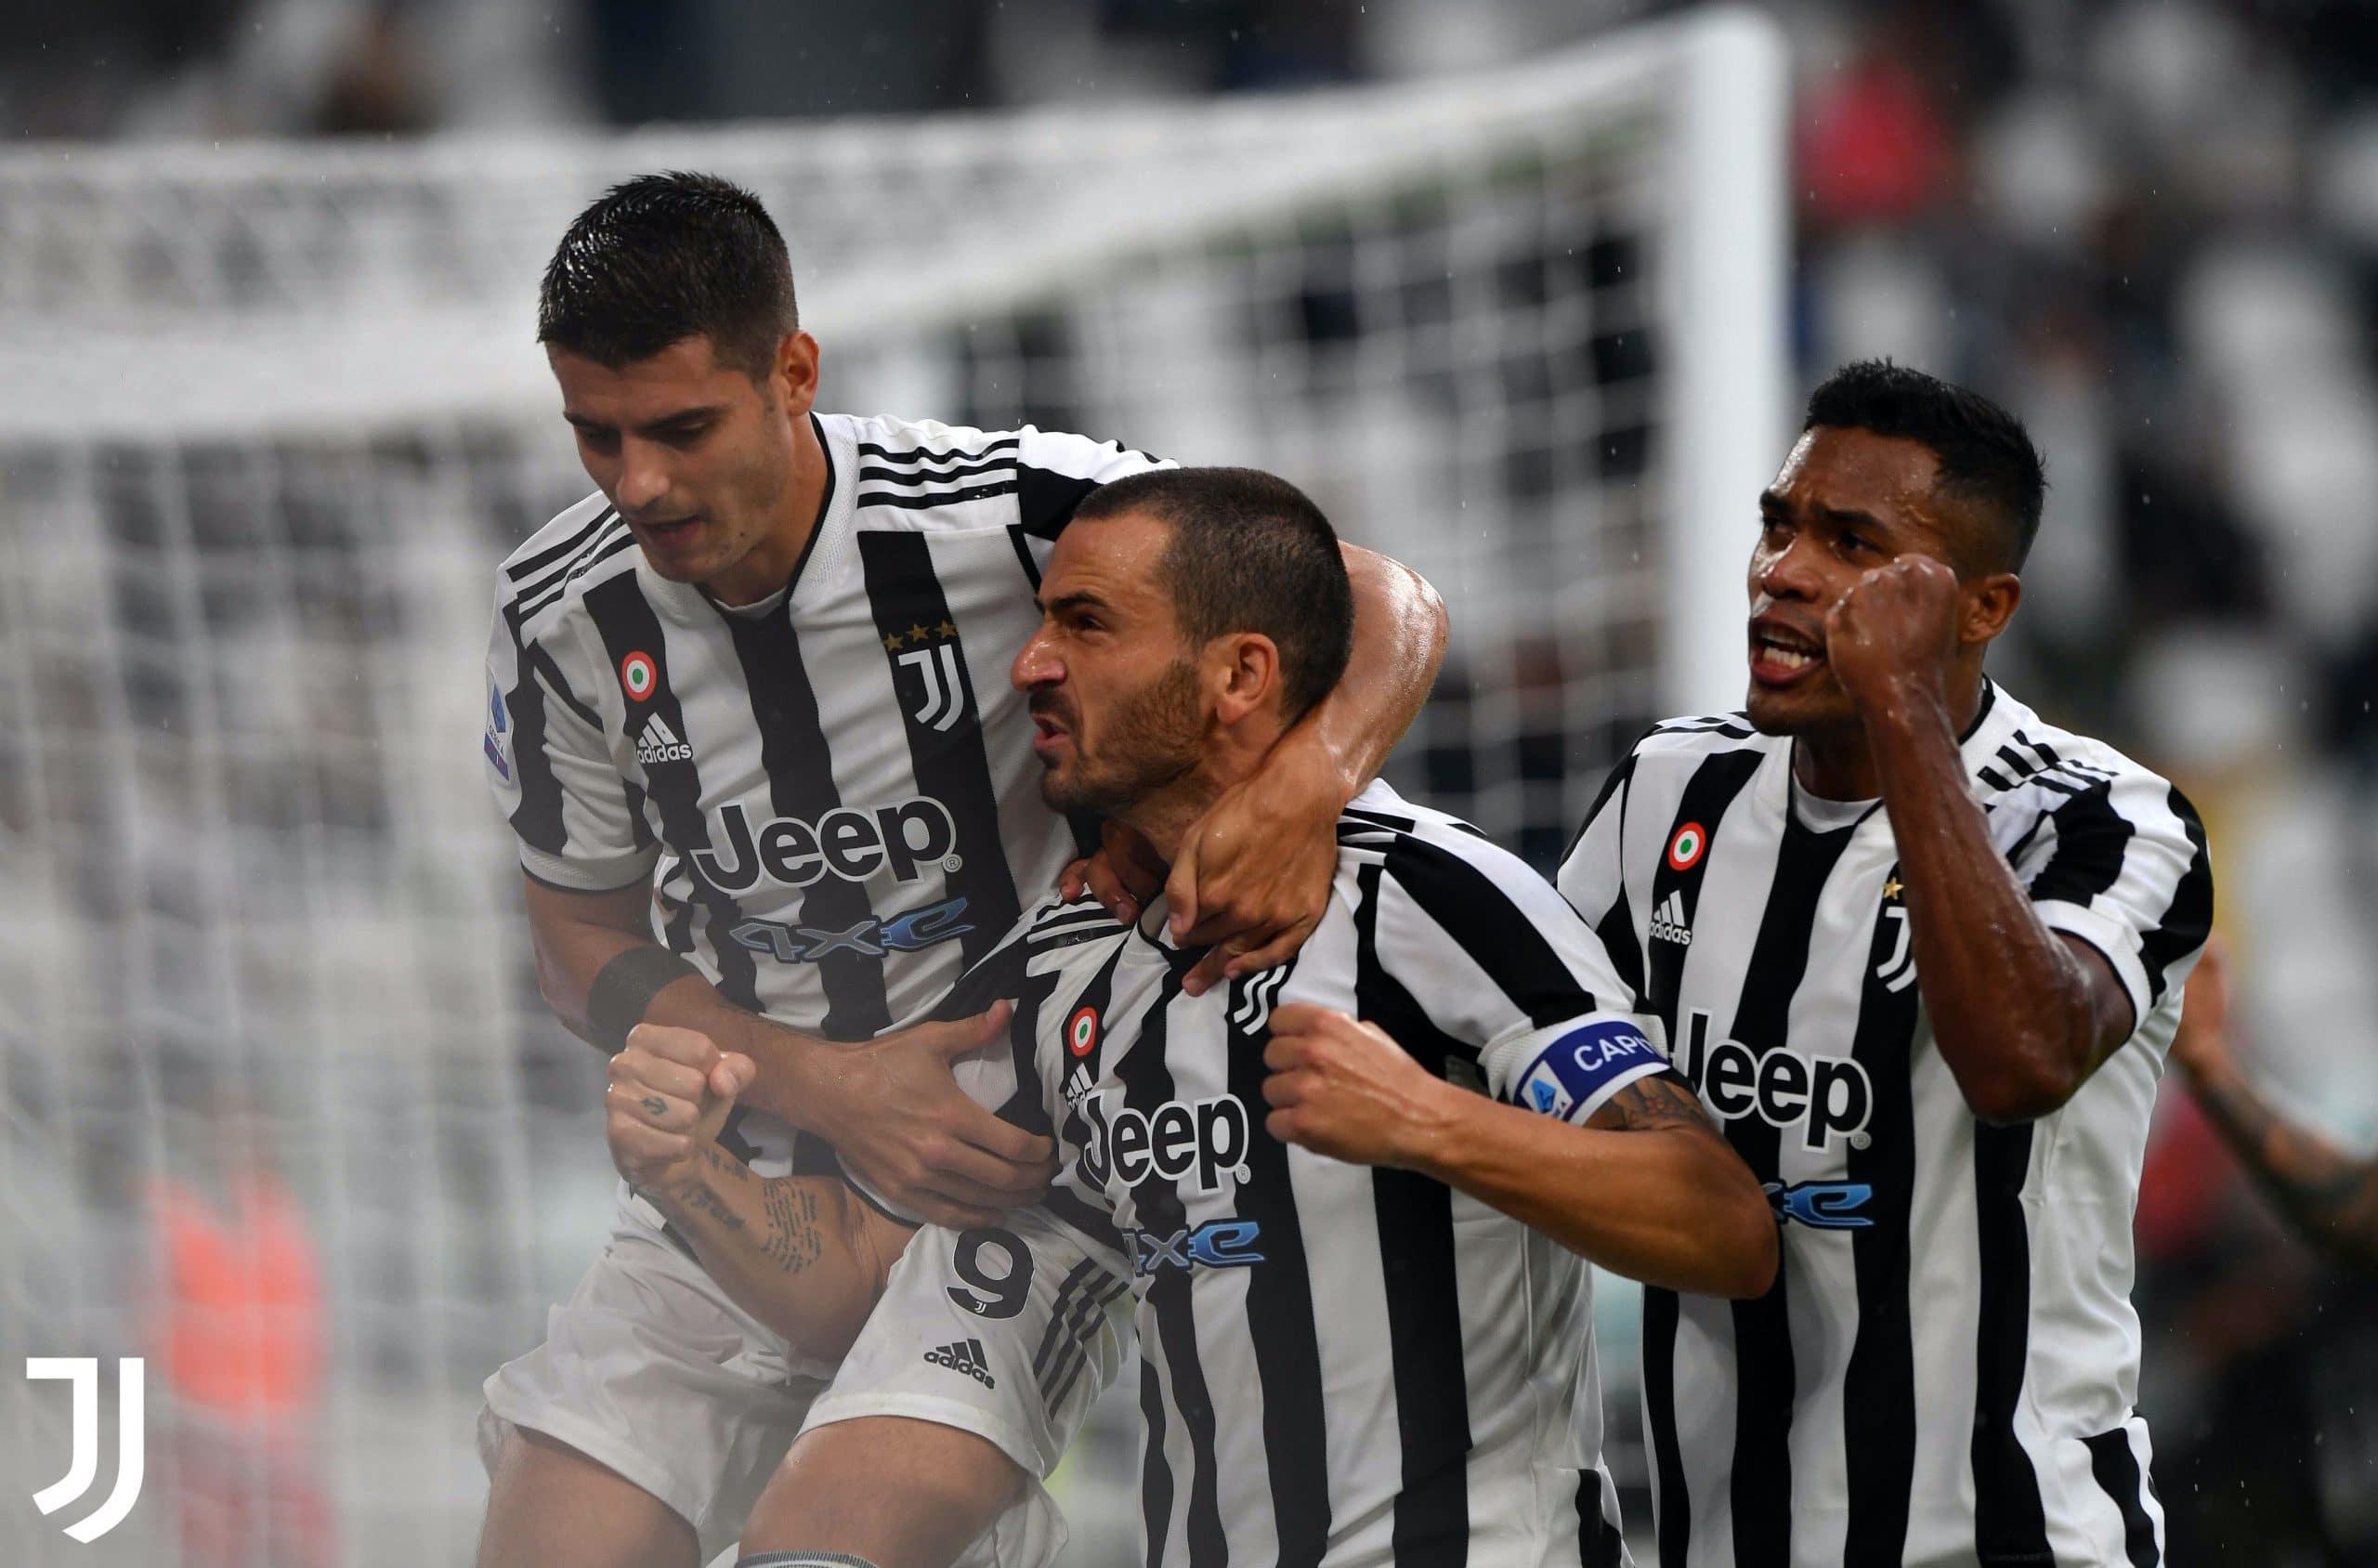 يوفنتوس يفوز بصعوبة على سامبدوريا في الدوري الإيطالي (فيديو)